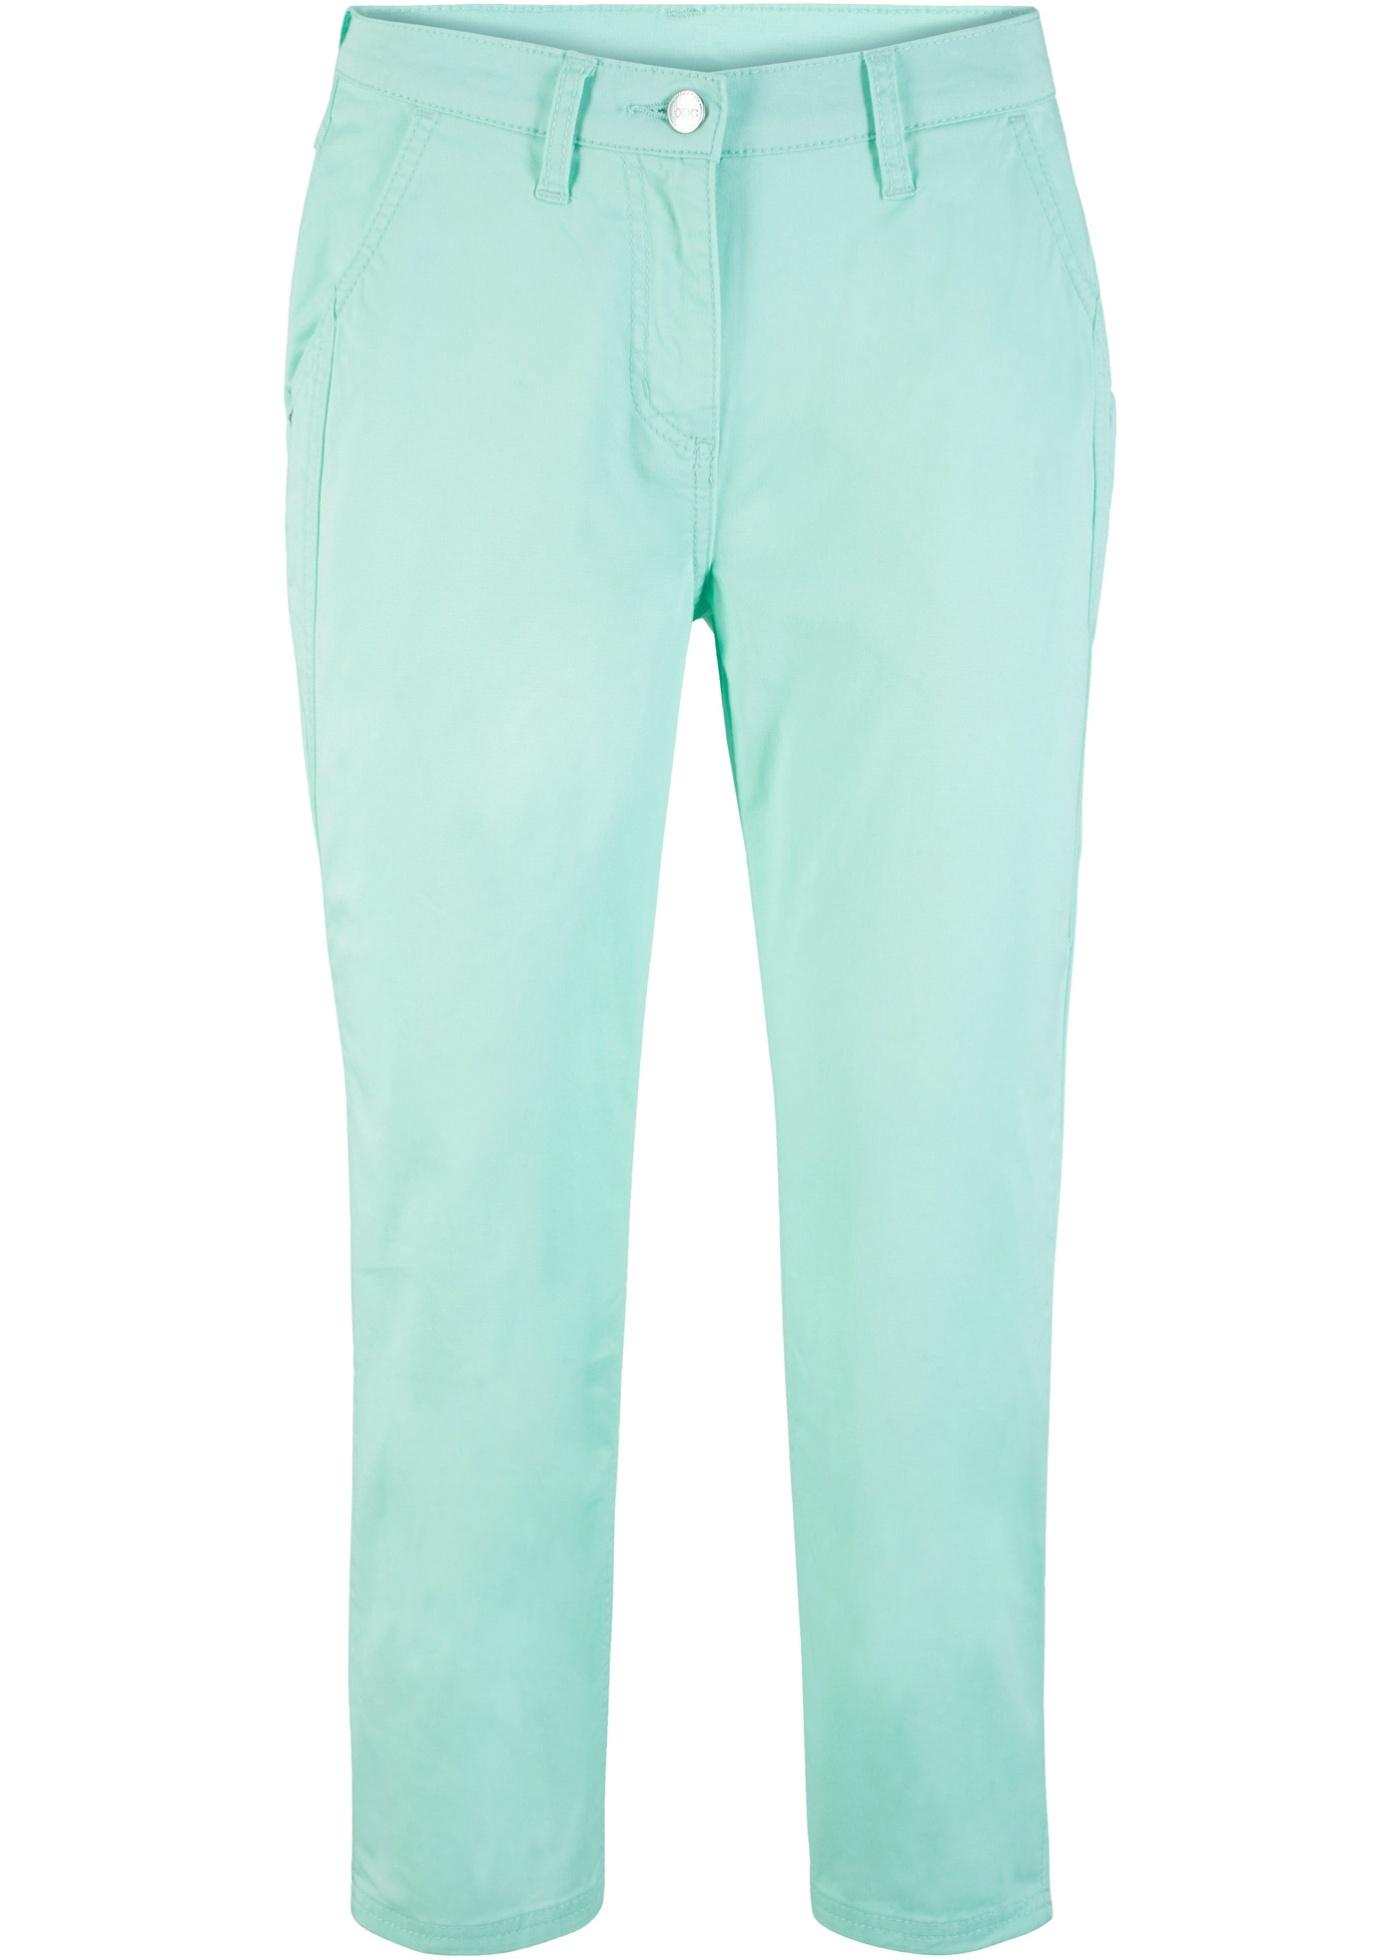 Bilde av 3/4-lang bukse, Slim Fit